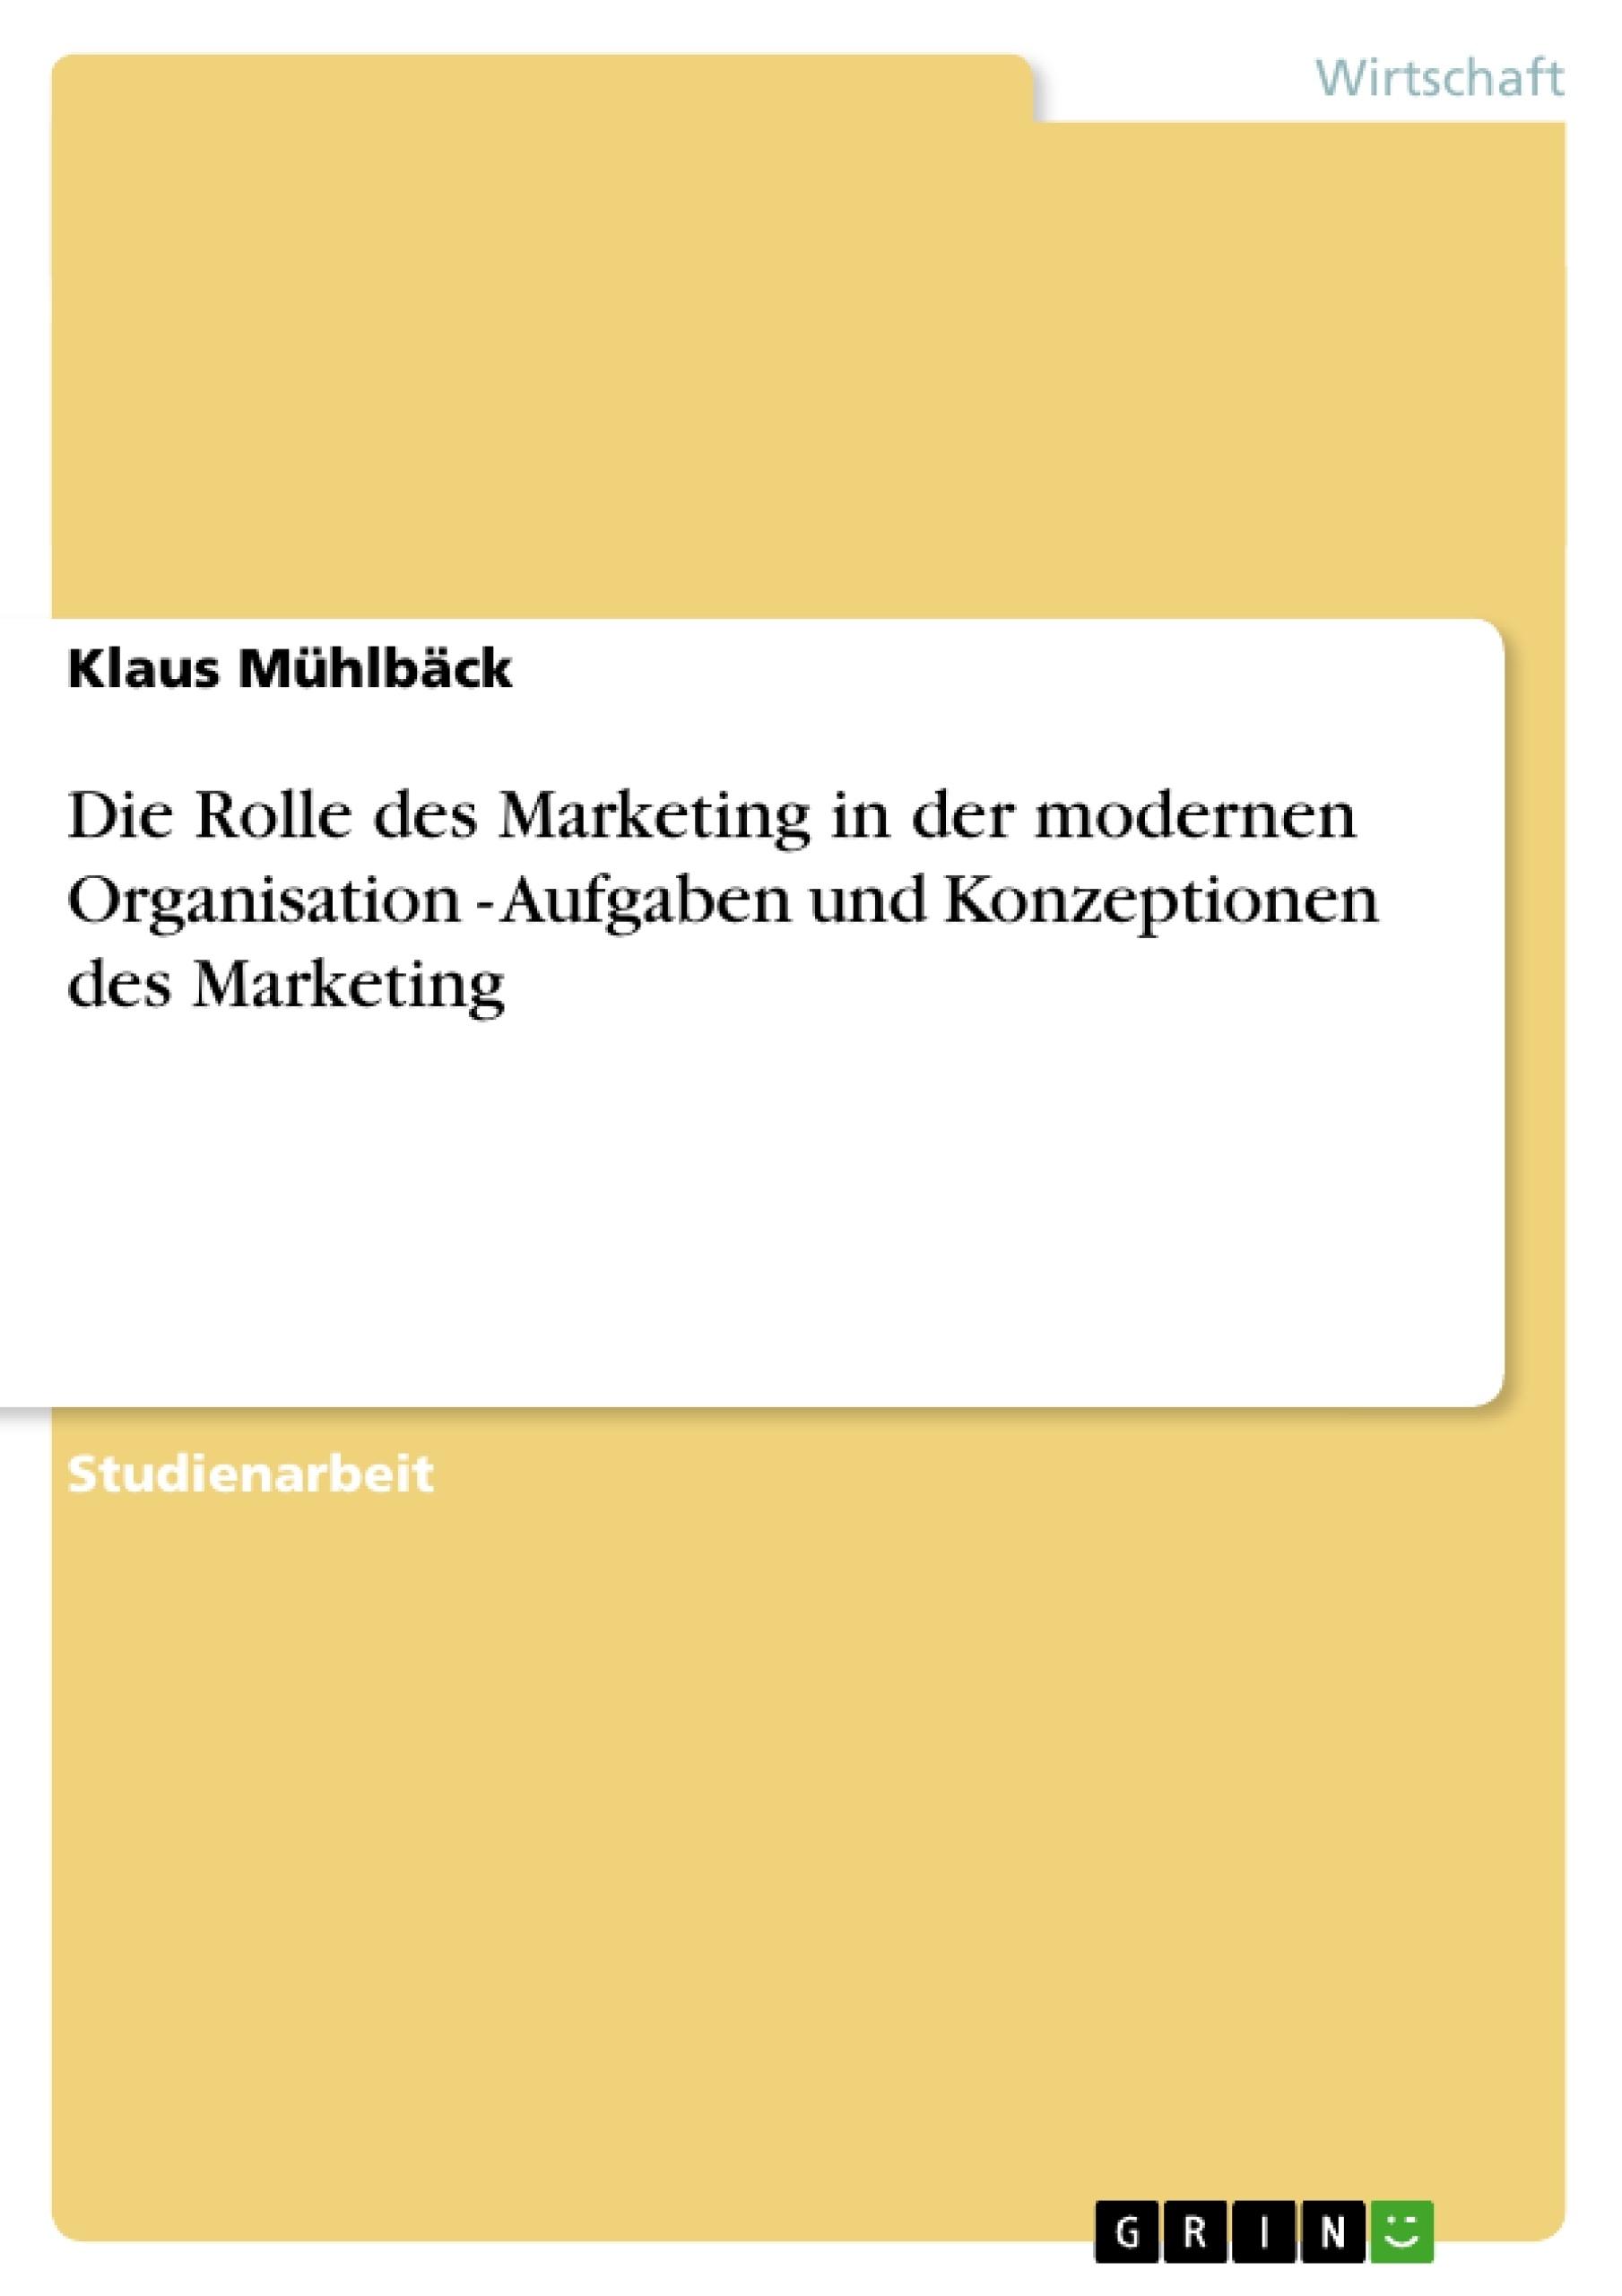 Titel: Die Rolle des Marketing in der modernen Organisation - Aufgaben und Konzeptionen des Marketing